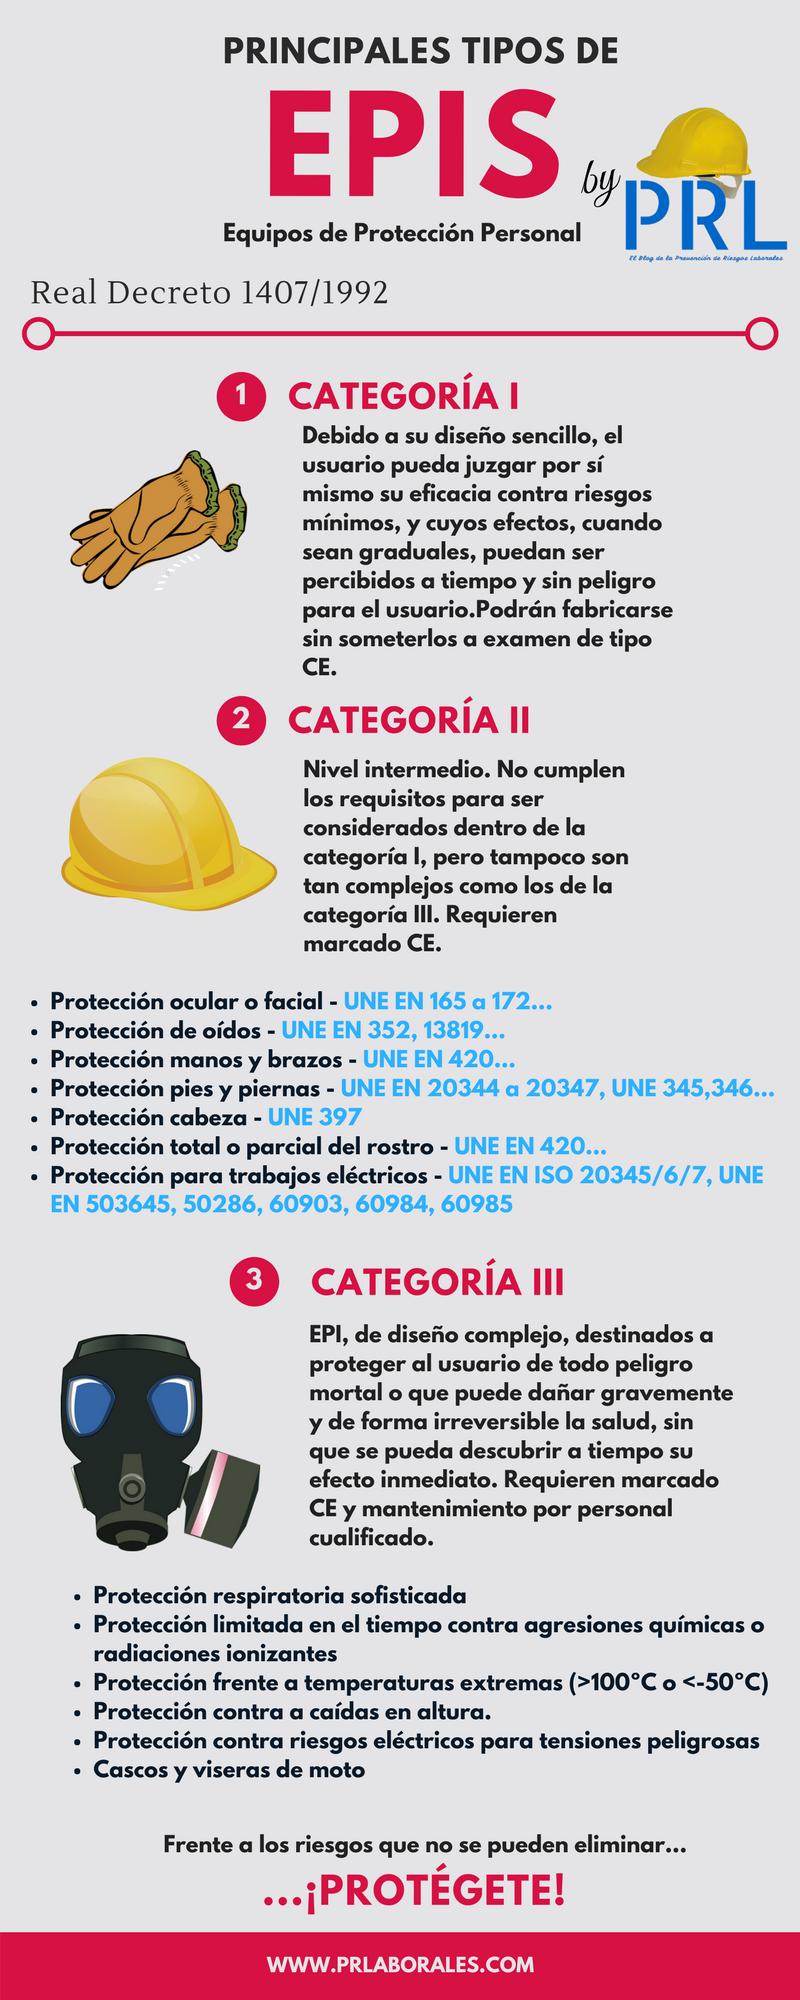 Tipos de EPIS